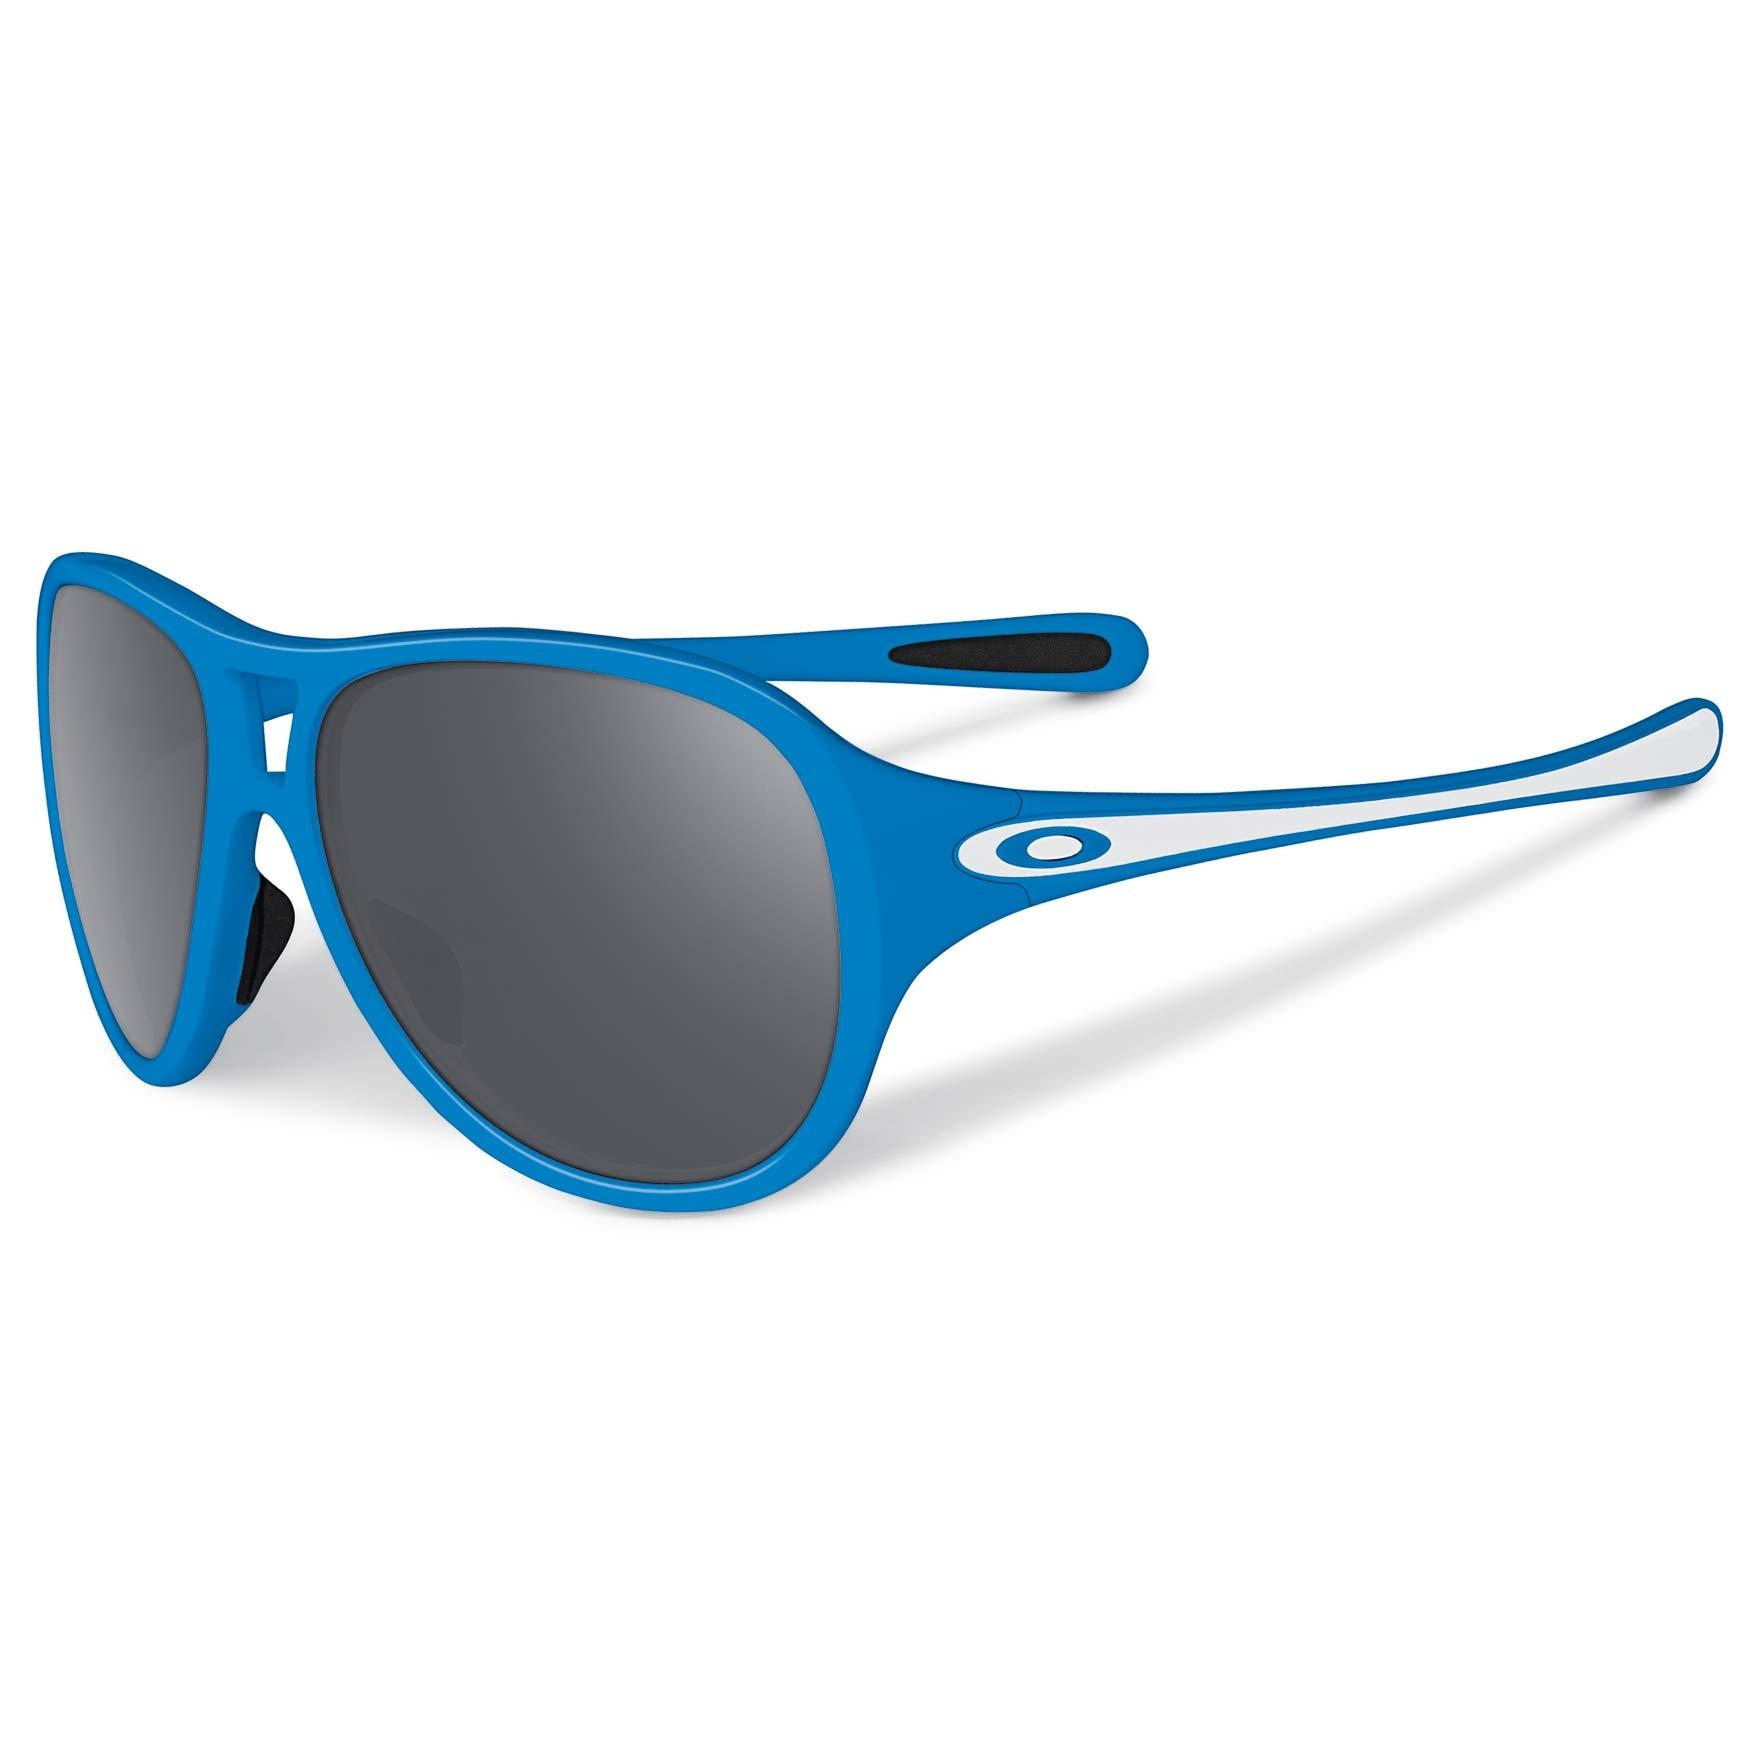 Sluneční brýle Oakley Twentysix.2 briliant blue vel.BLACK IRIDIUM LENS 13 + doručení do 24 hodin